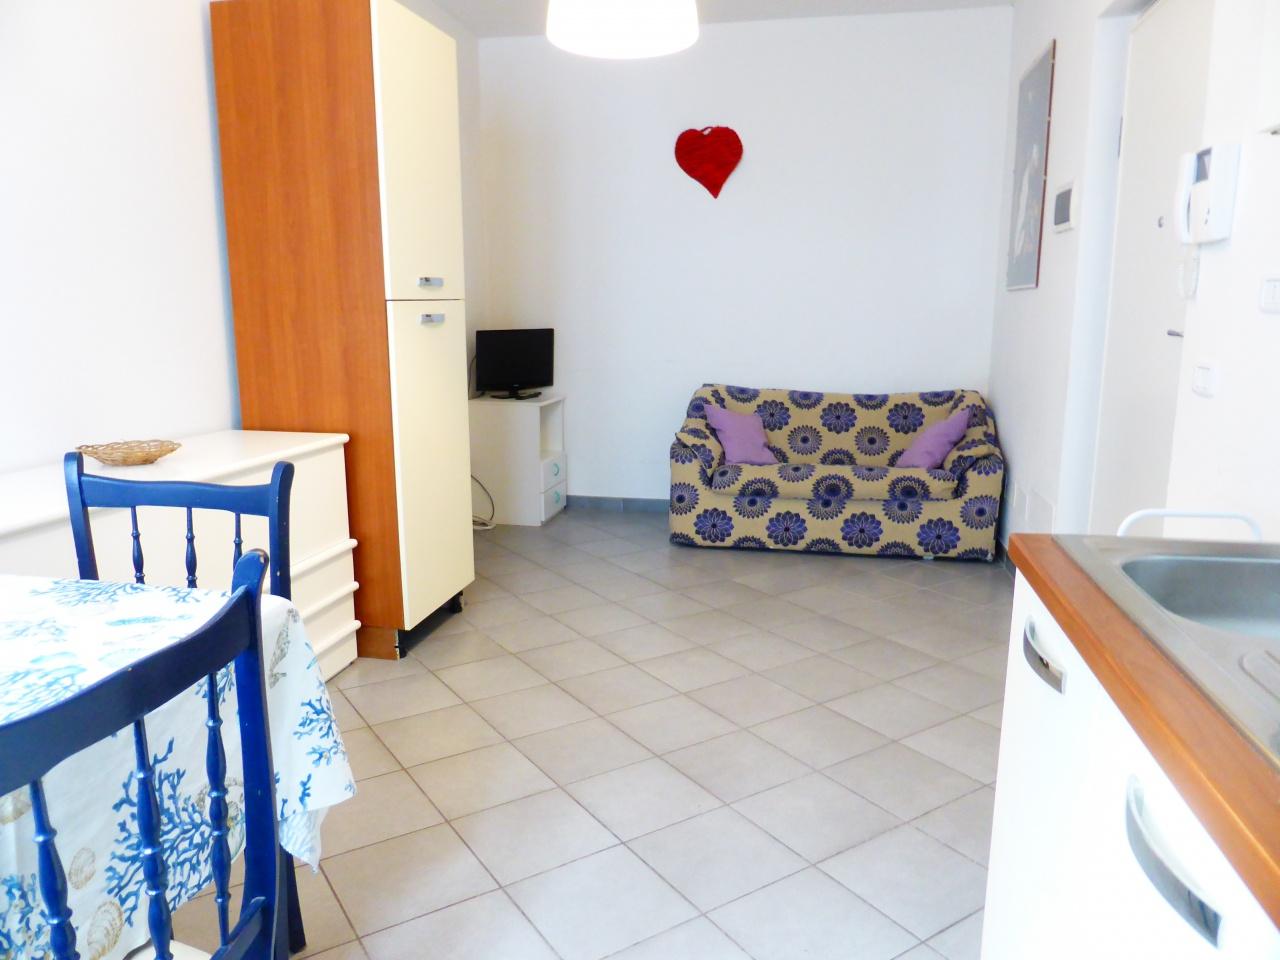 vendita appartamento follonica centro Via Norma Pratelli 180000 euro  3 locali  60 mq